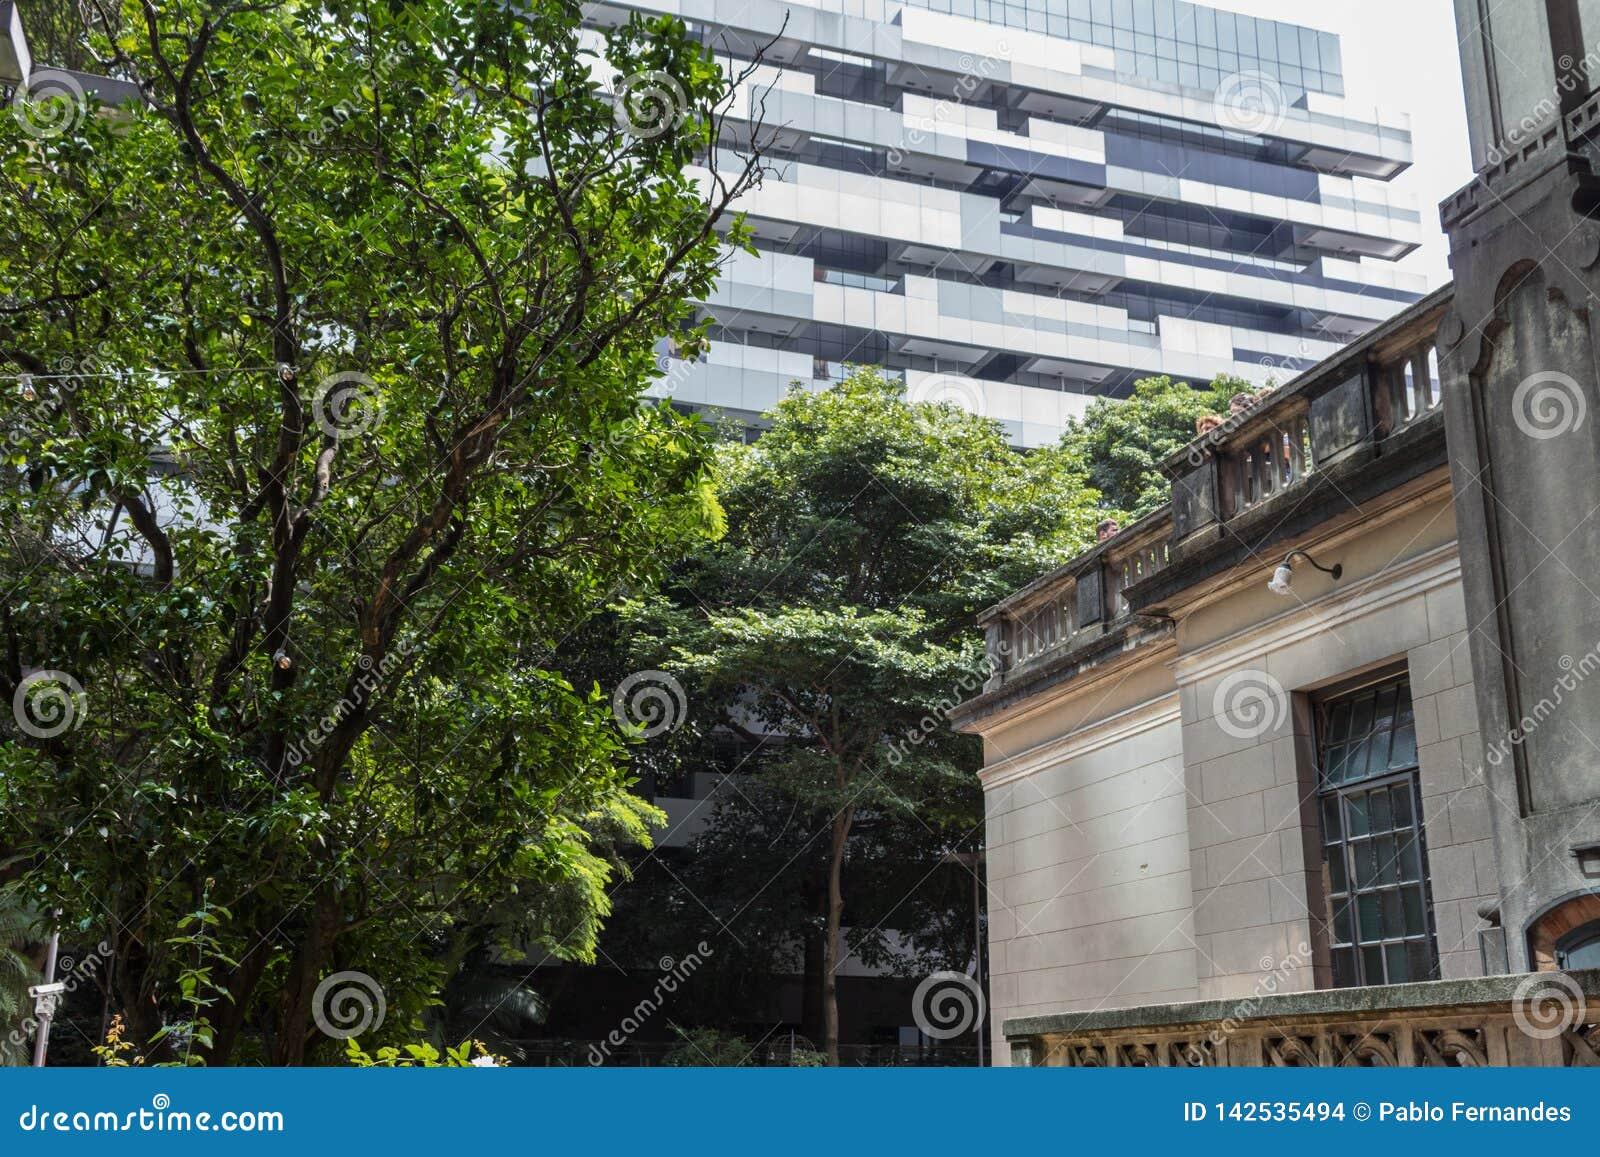 De rustieke Historische Bouw in tegenstelling tot de Moderne Bouw in Sao Paulo, Brazilië